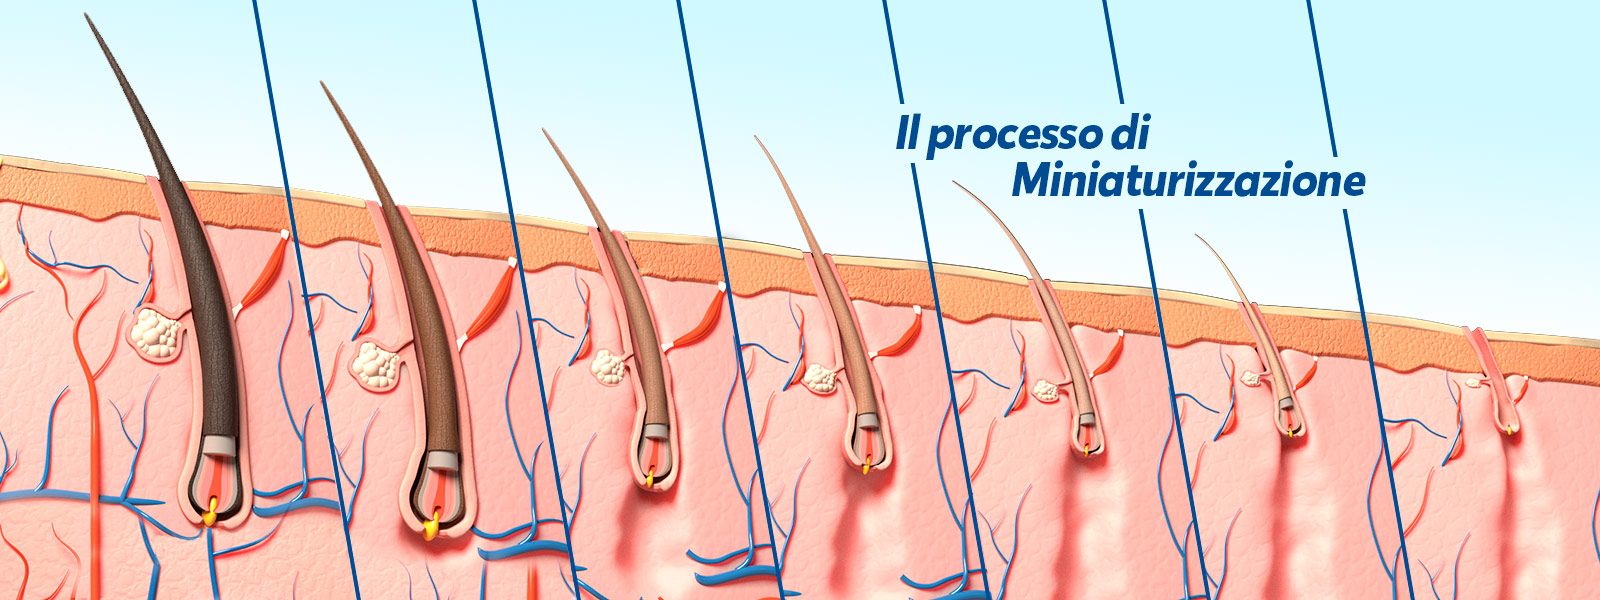 Alopecia Androgenetica: cos'è e chi colpisce - Istituto ...